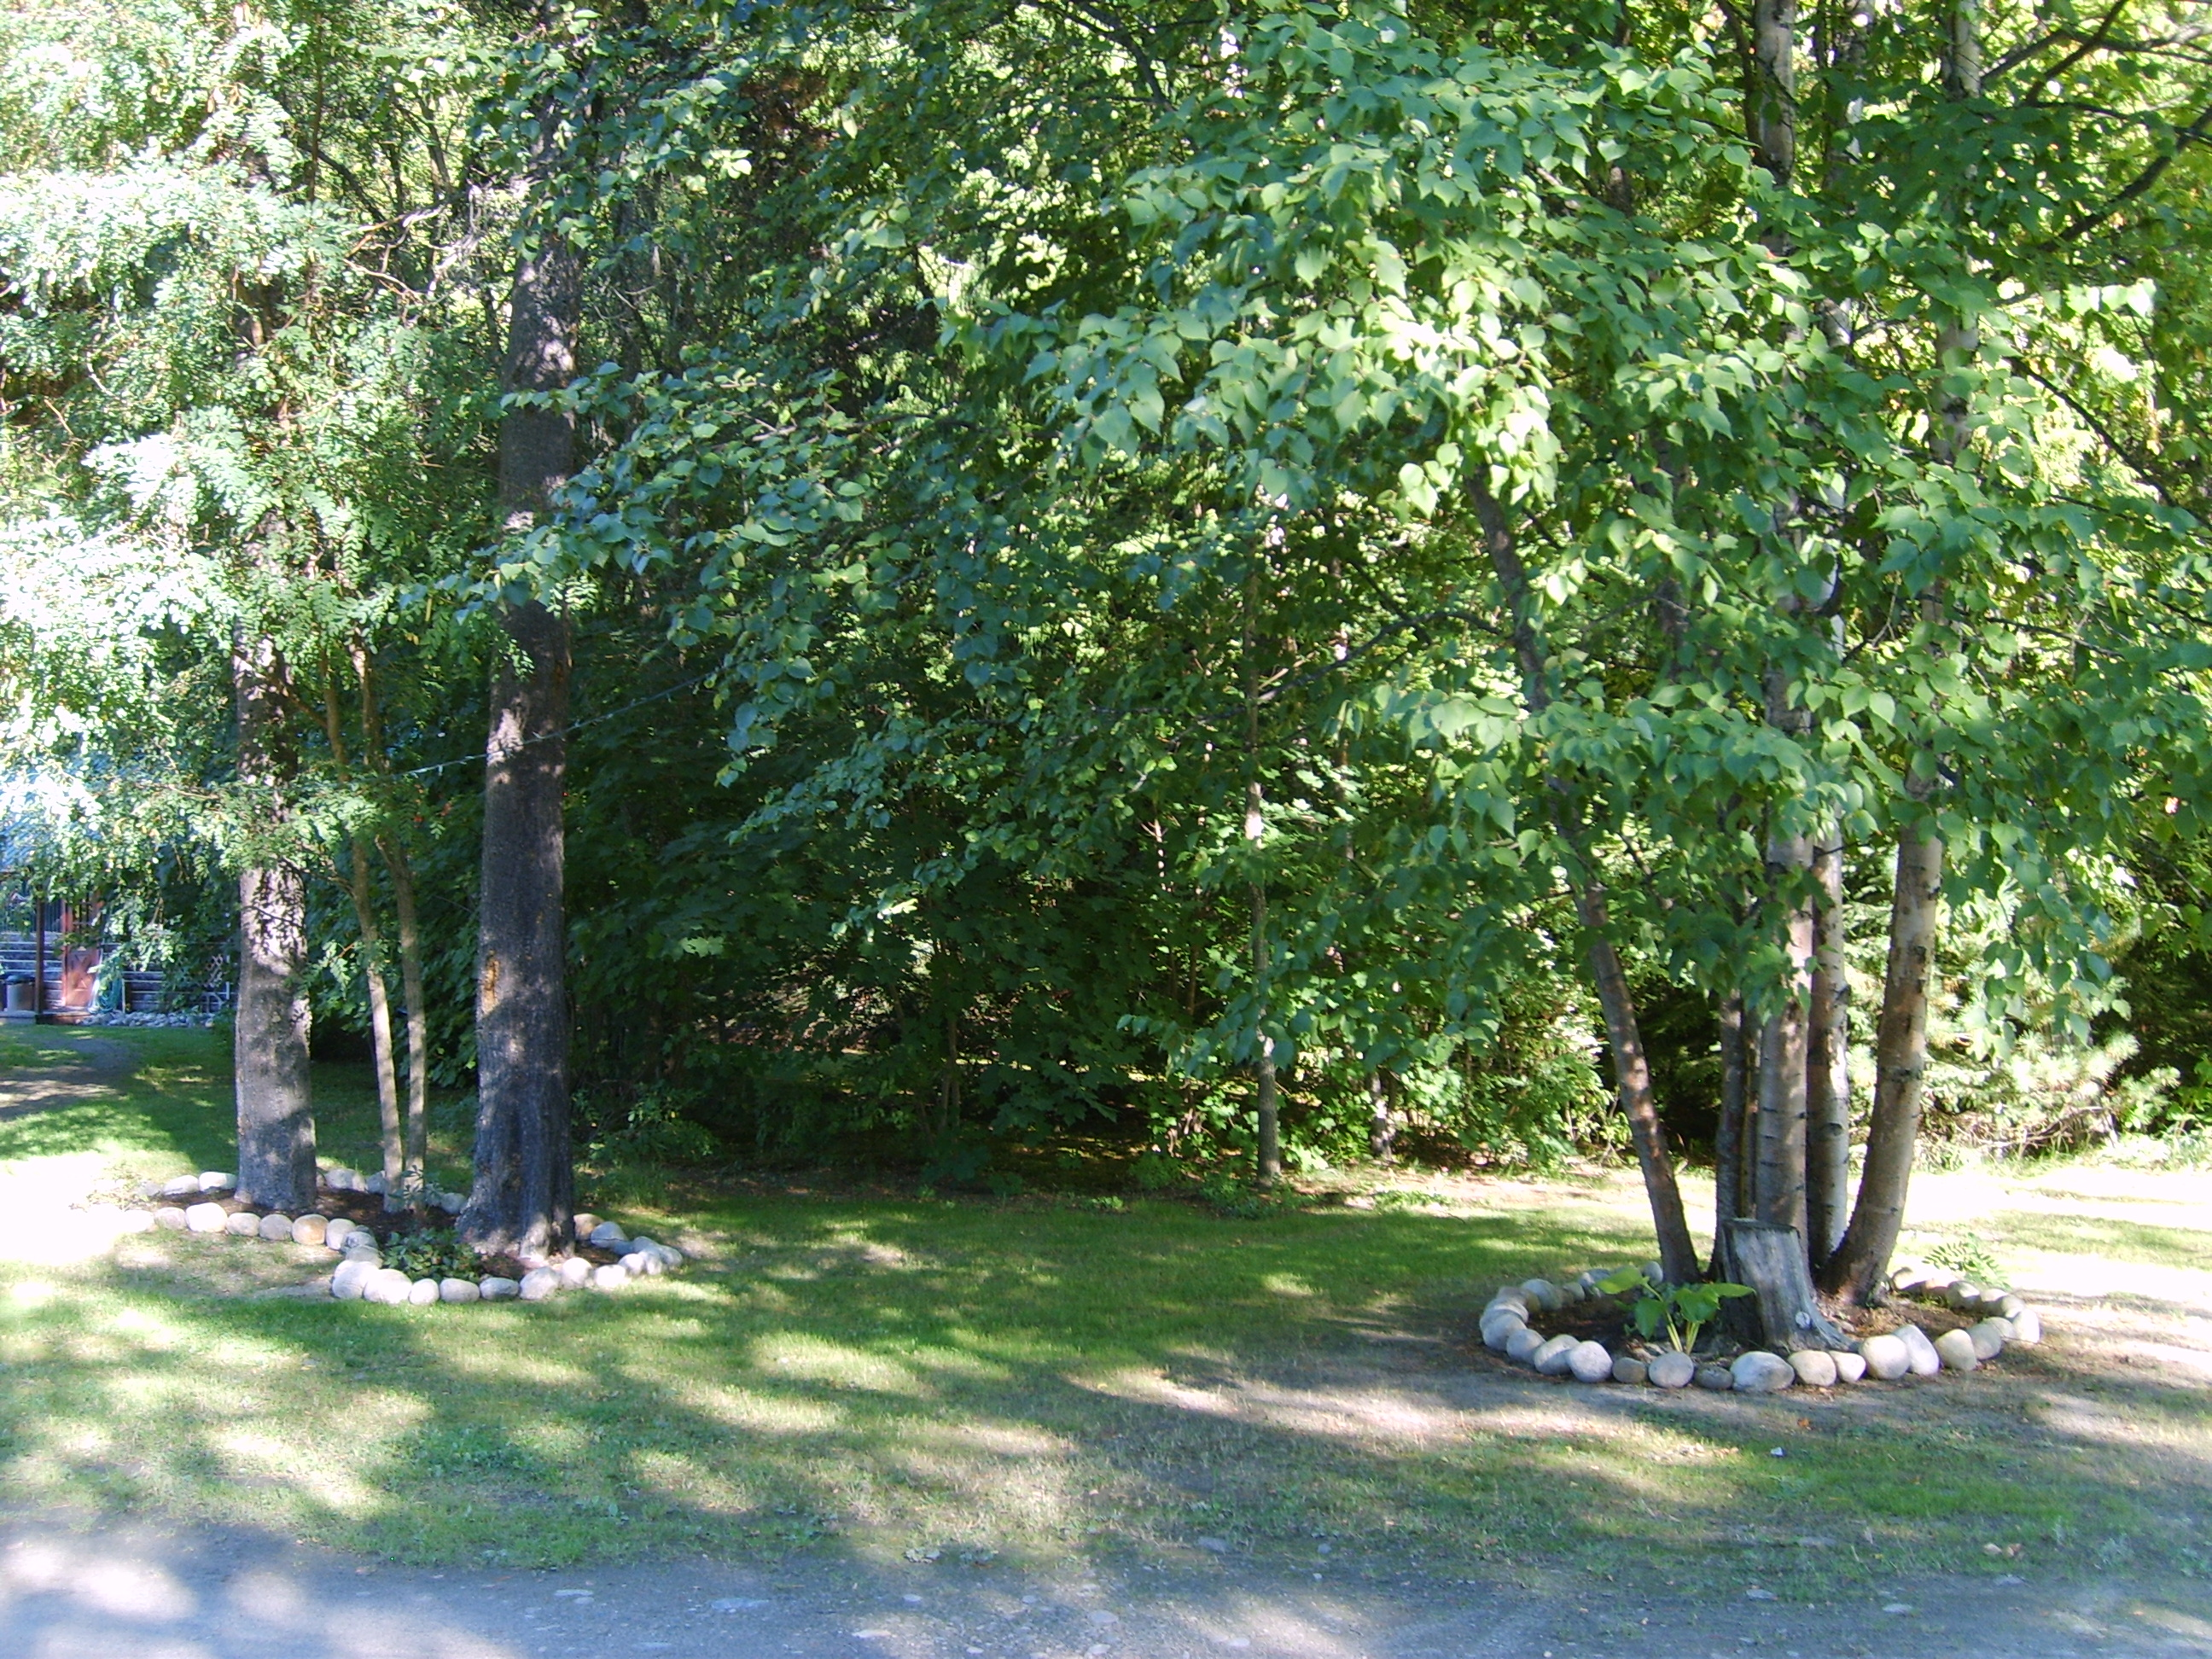 Road side Cabin #4